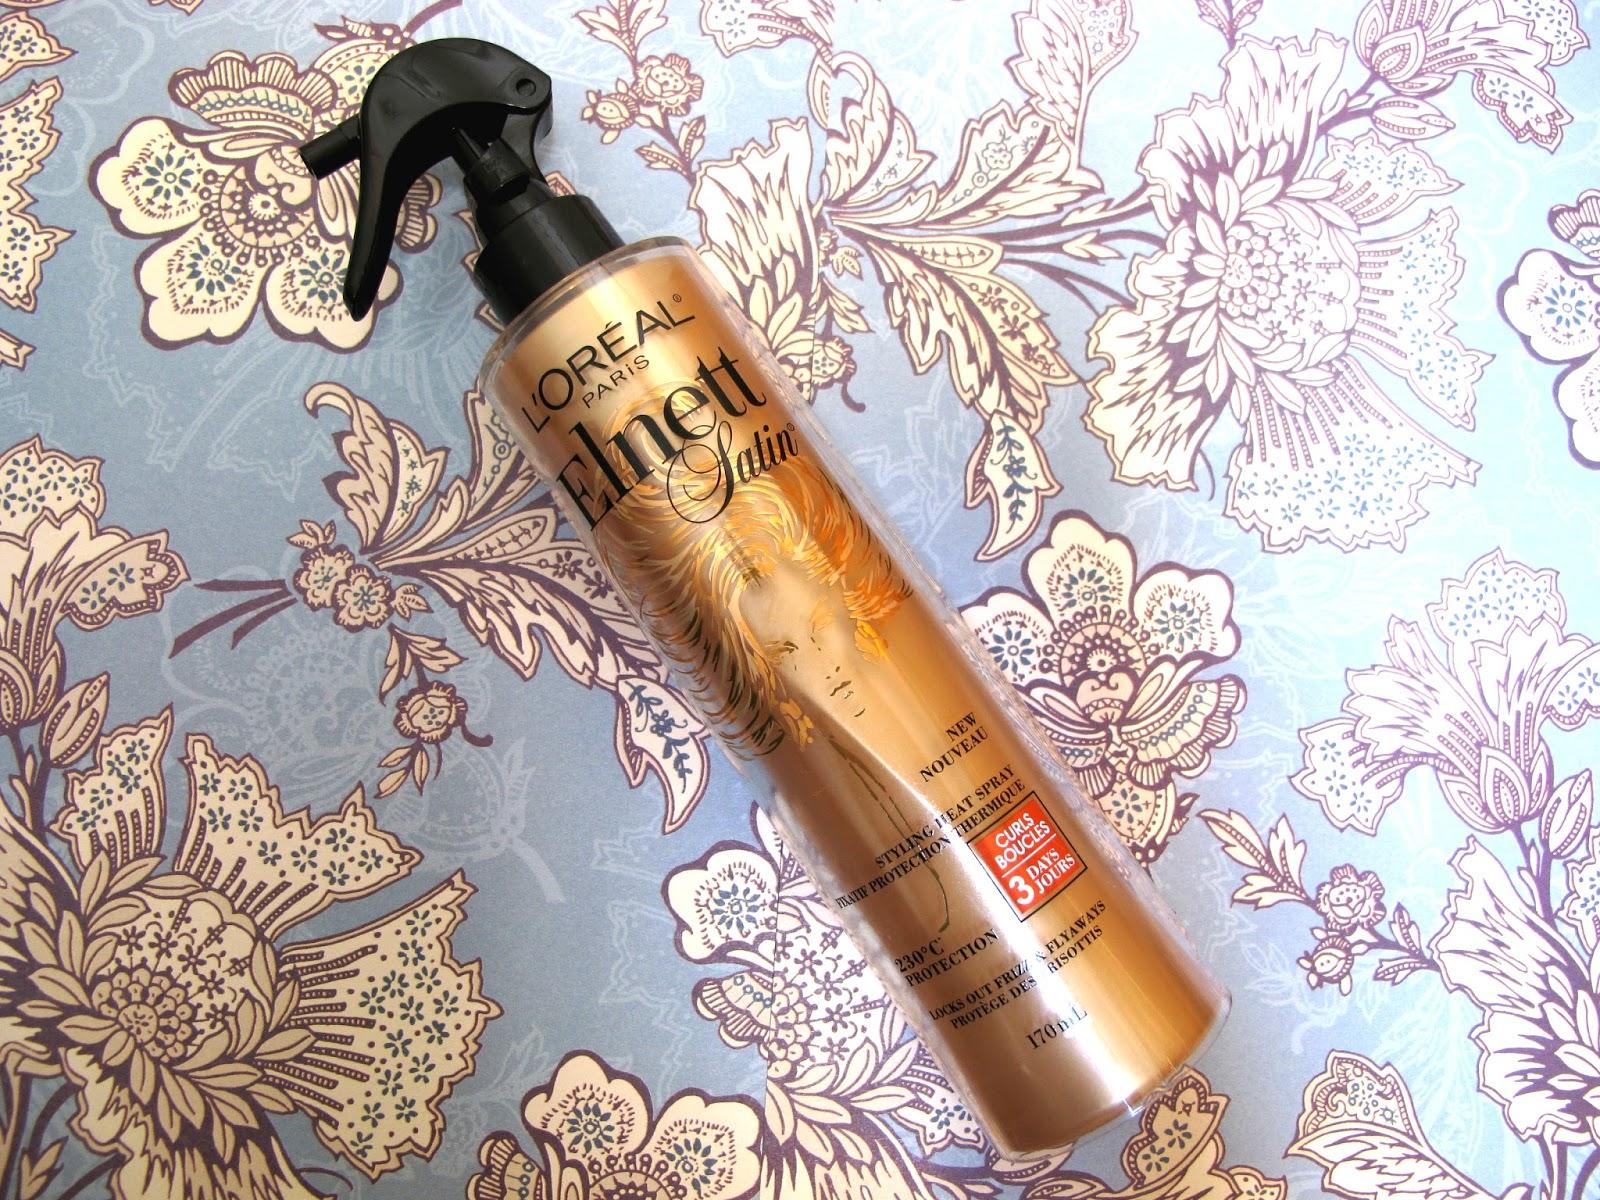 L'Oreal Elnett Heat Spray